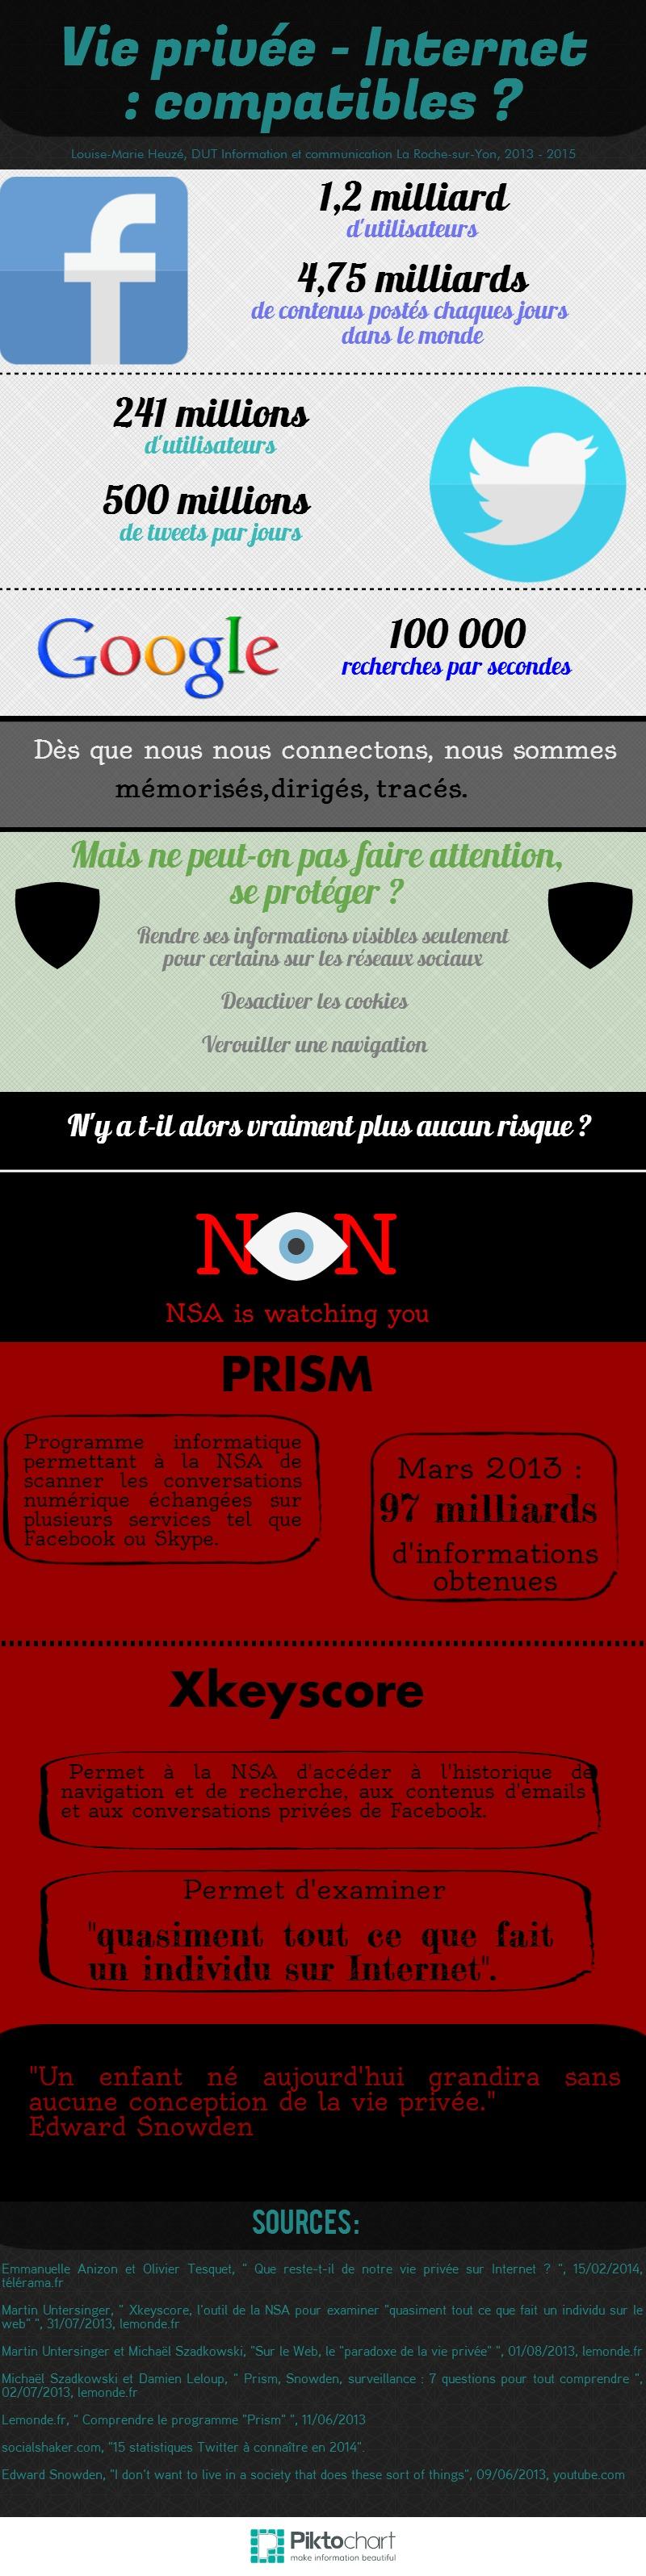 Infographie_ViePriveeInternet_LouiseMarieHeuze